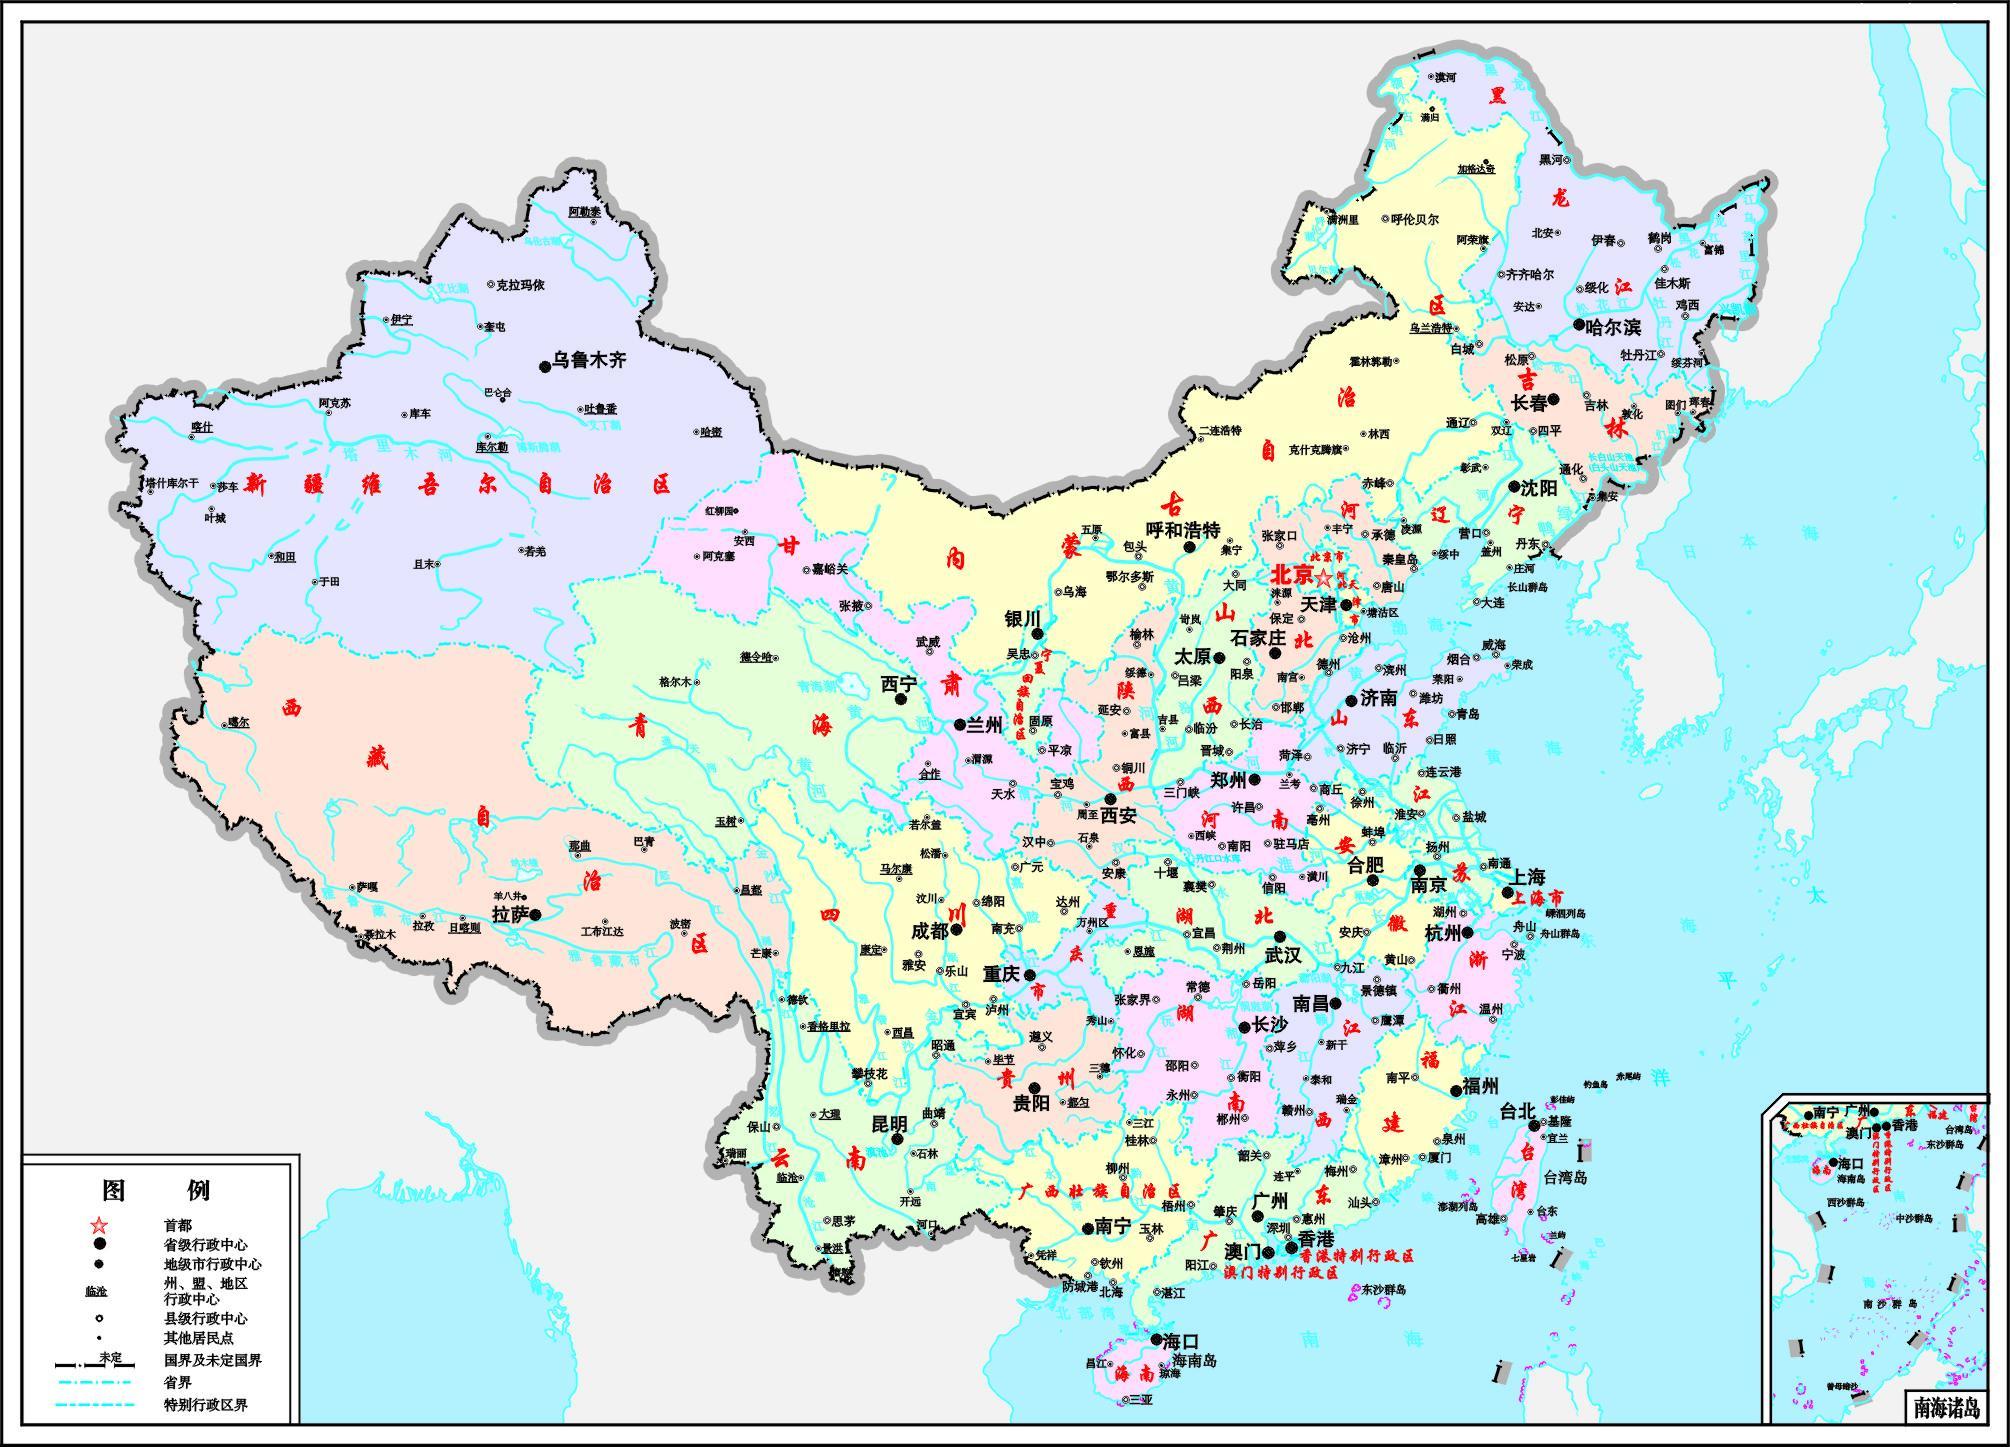 中国地图全图_要一张中国城市分布地图,高清版!!_百度知道